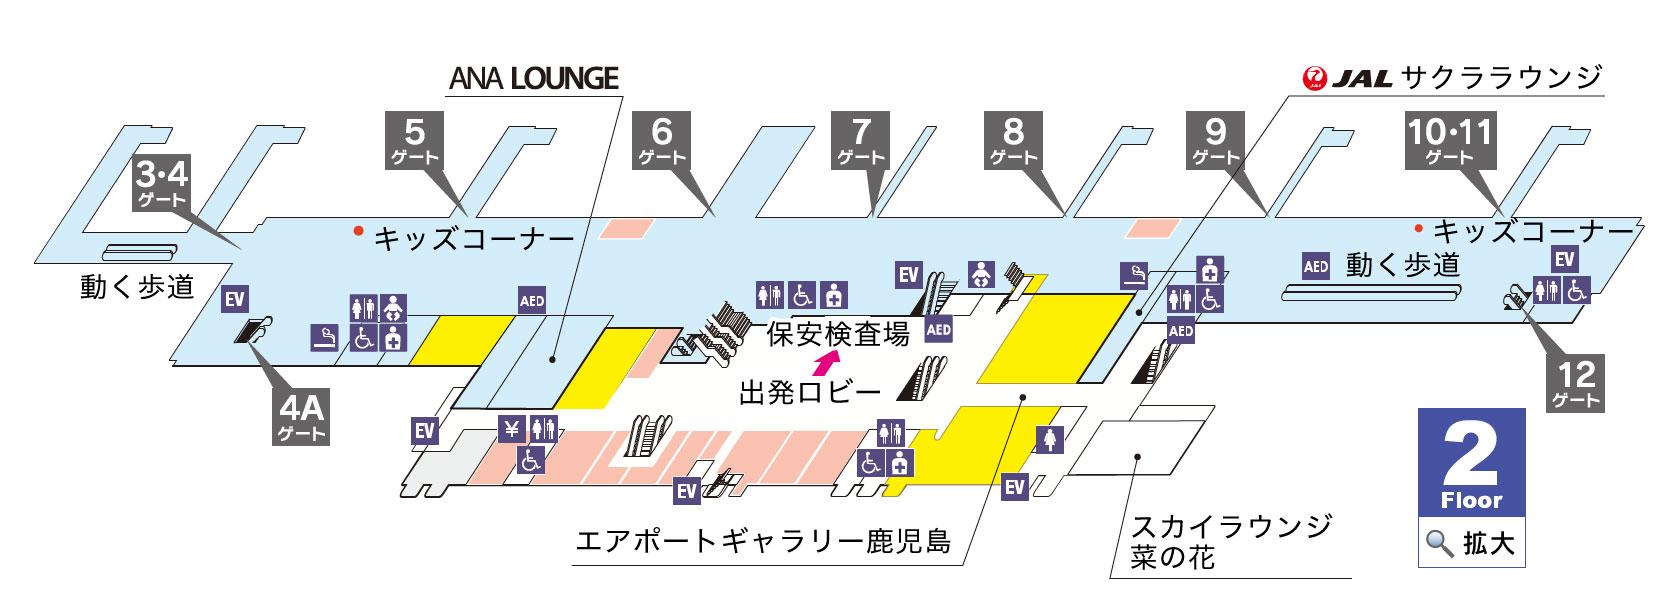 鹿児島空港 空港MAP